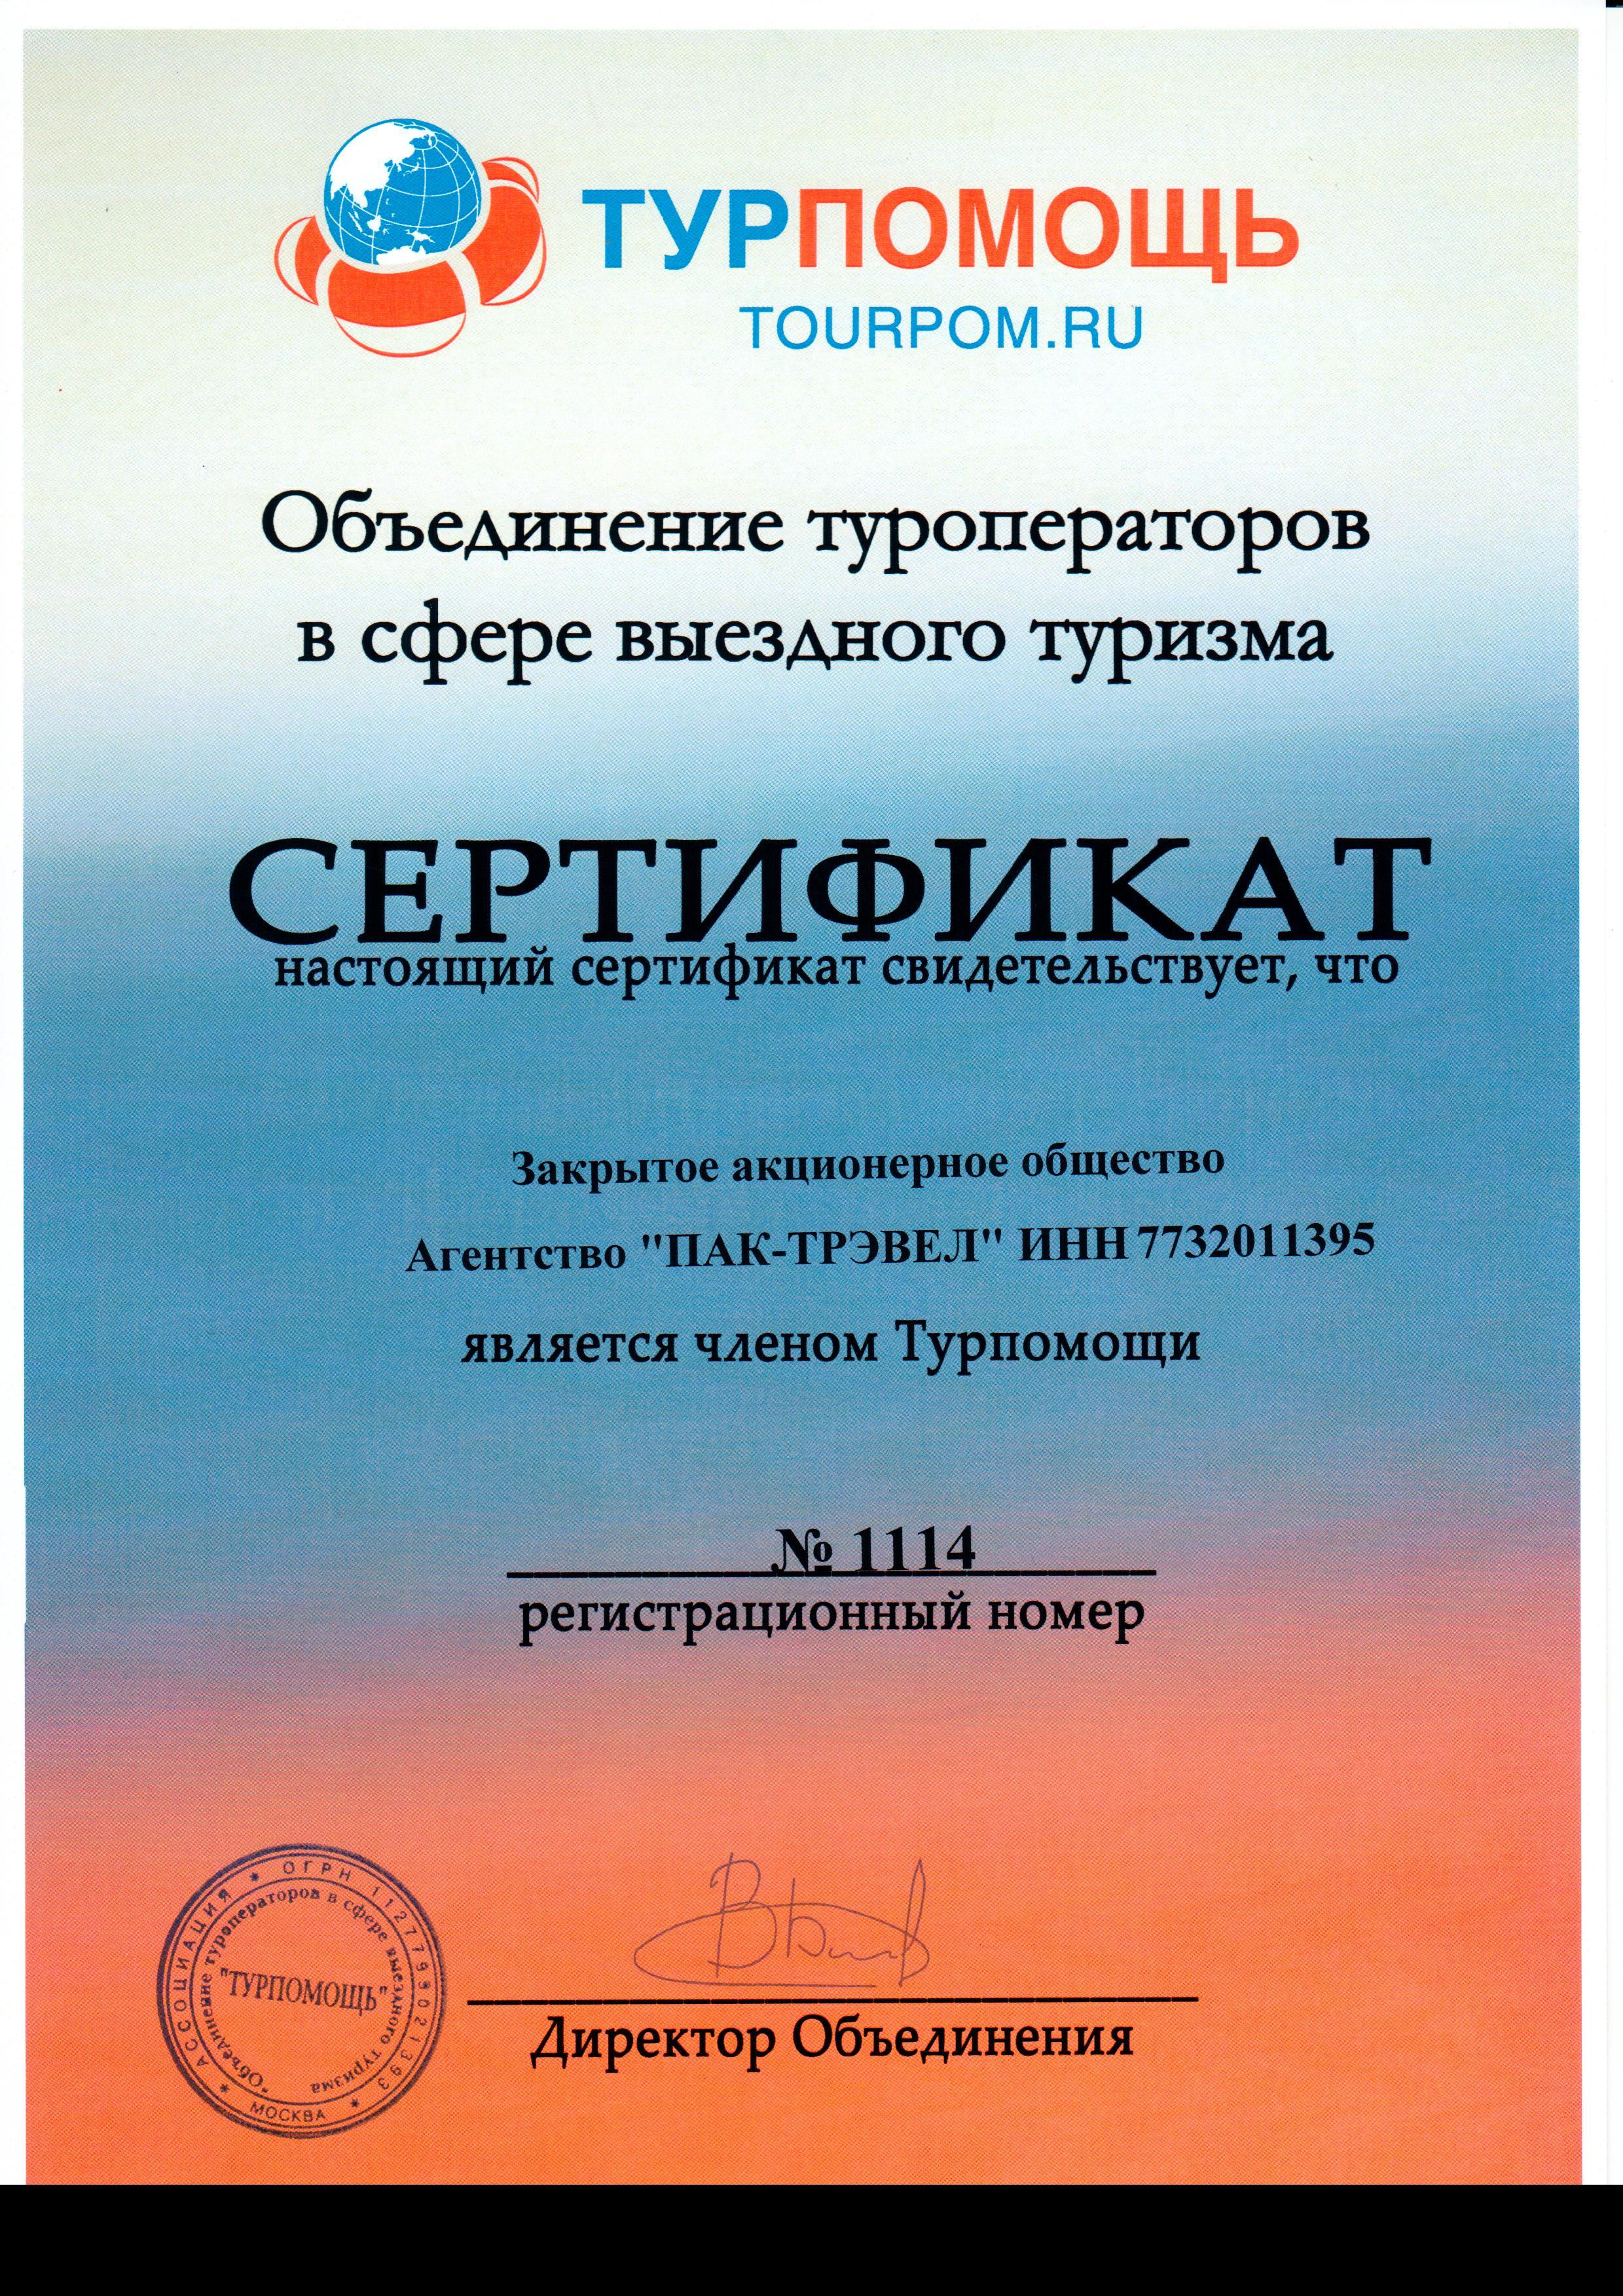 Сертификат АО Агентство «ПАК-ТРЭВЕЛ»